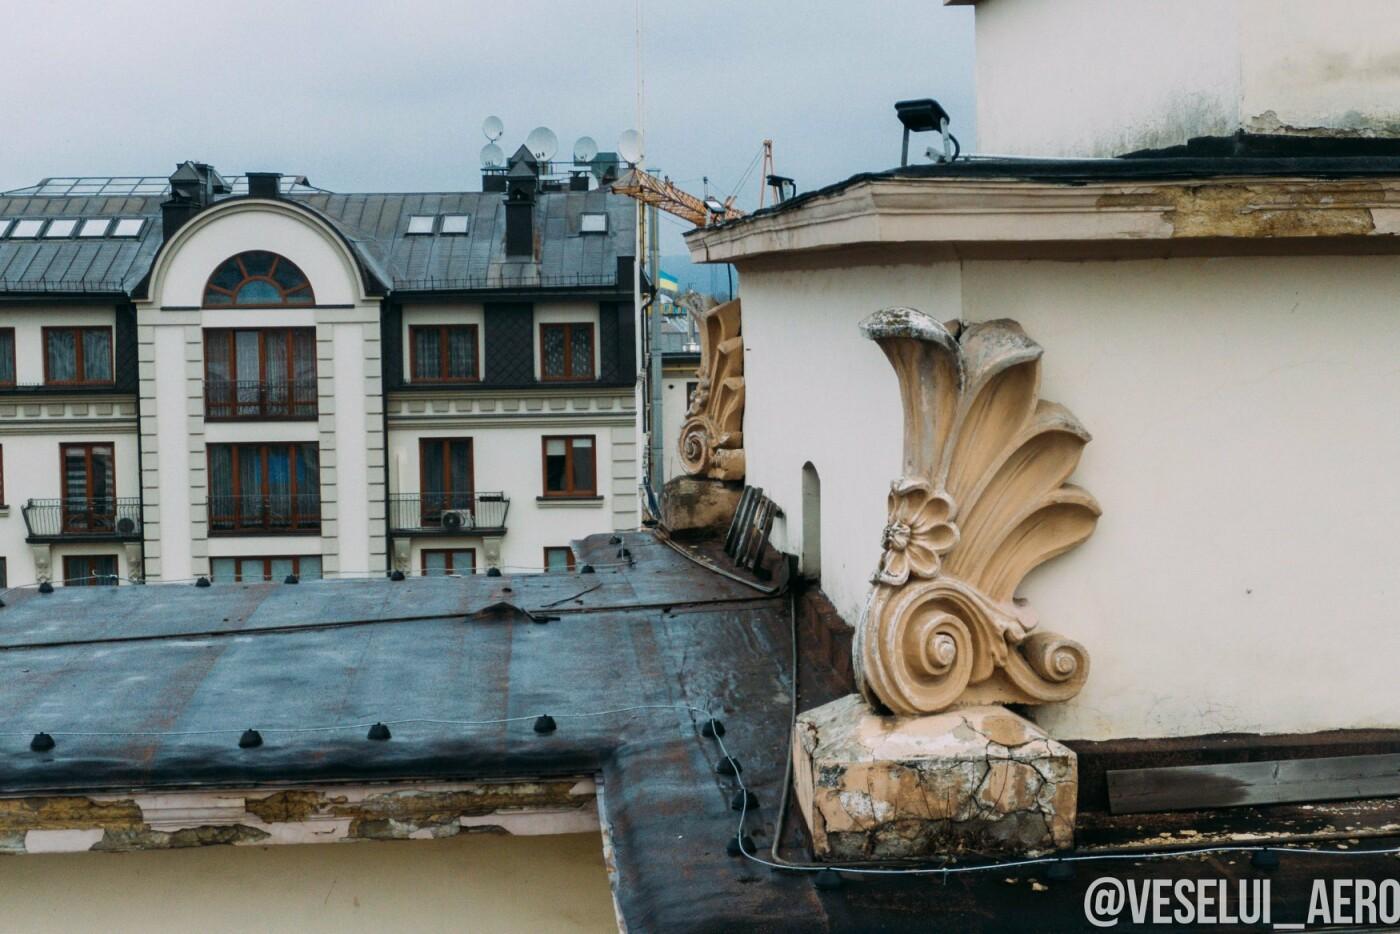 Фотограф поділився світлинами ратуші з висоти., фото-2